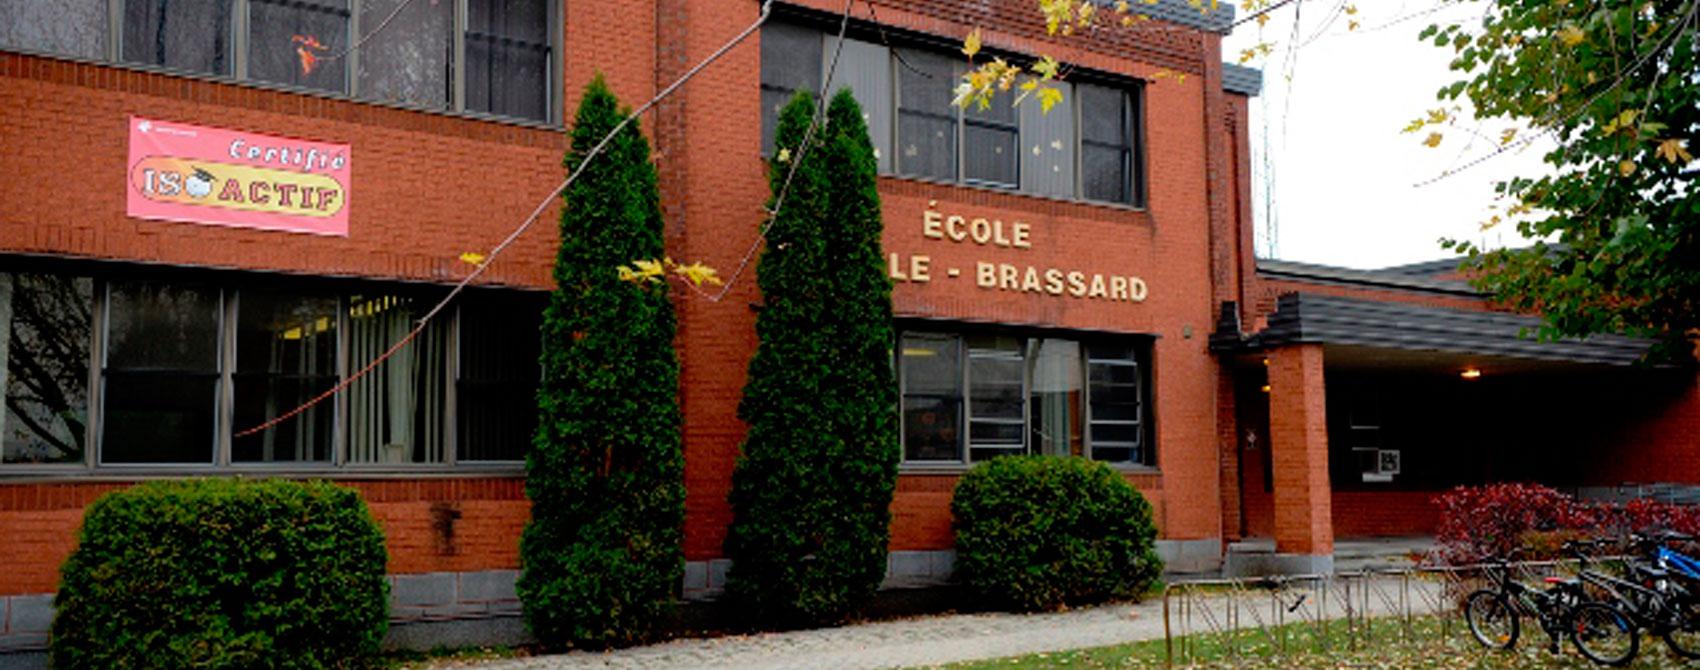 Ecole Cyrille Brassard 1700